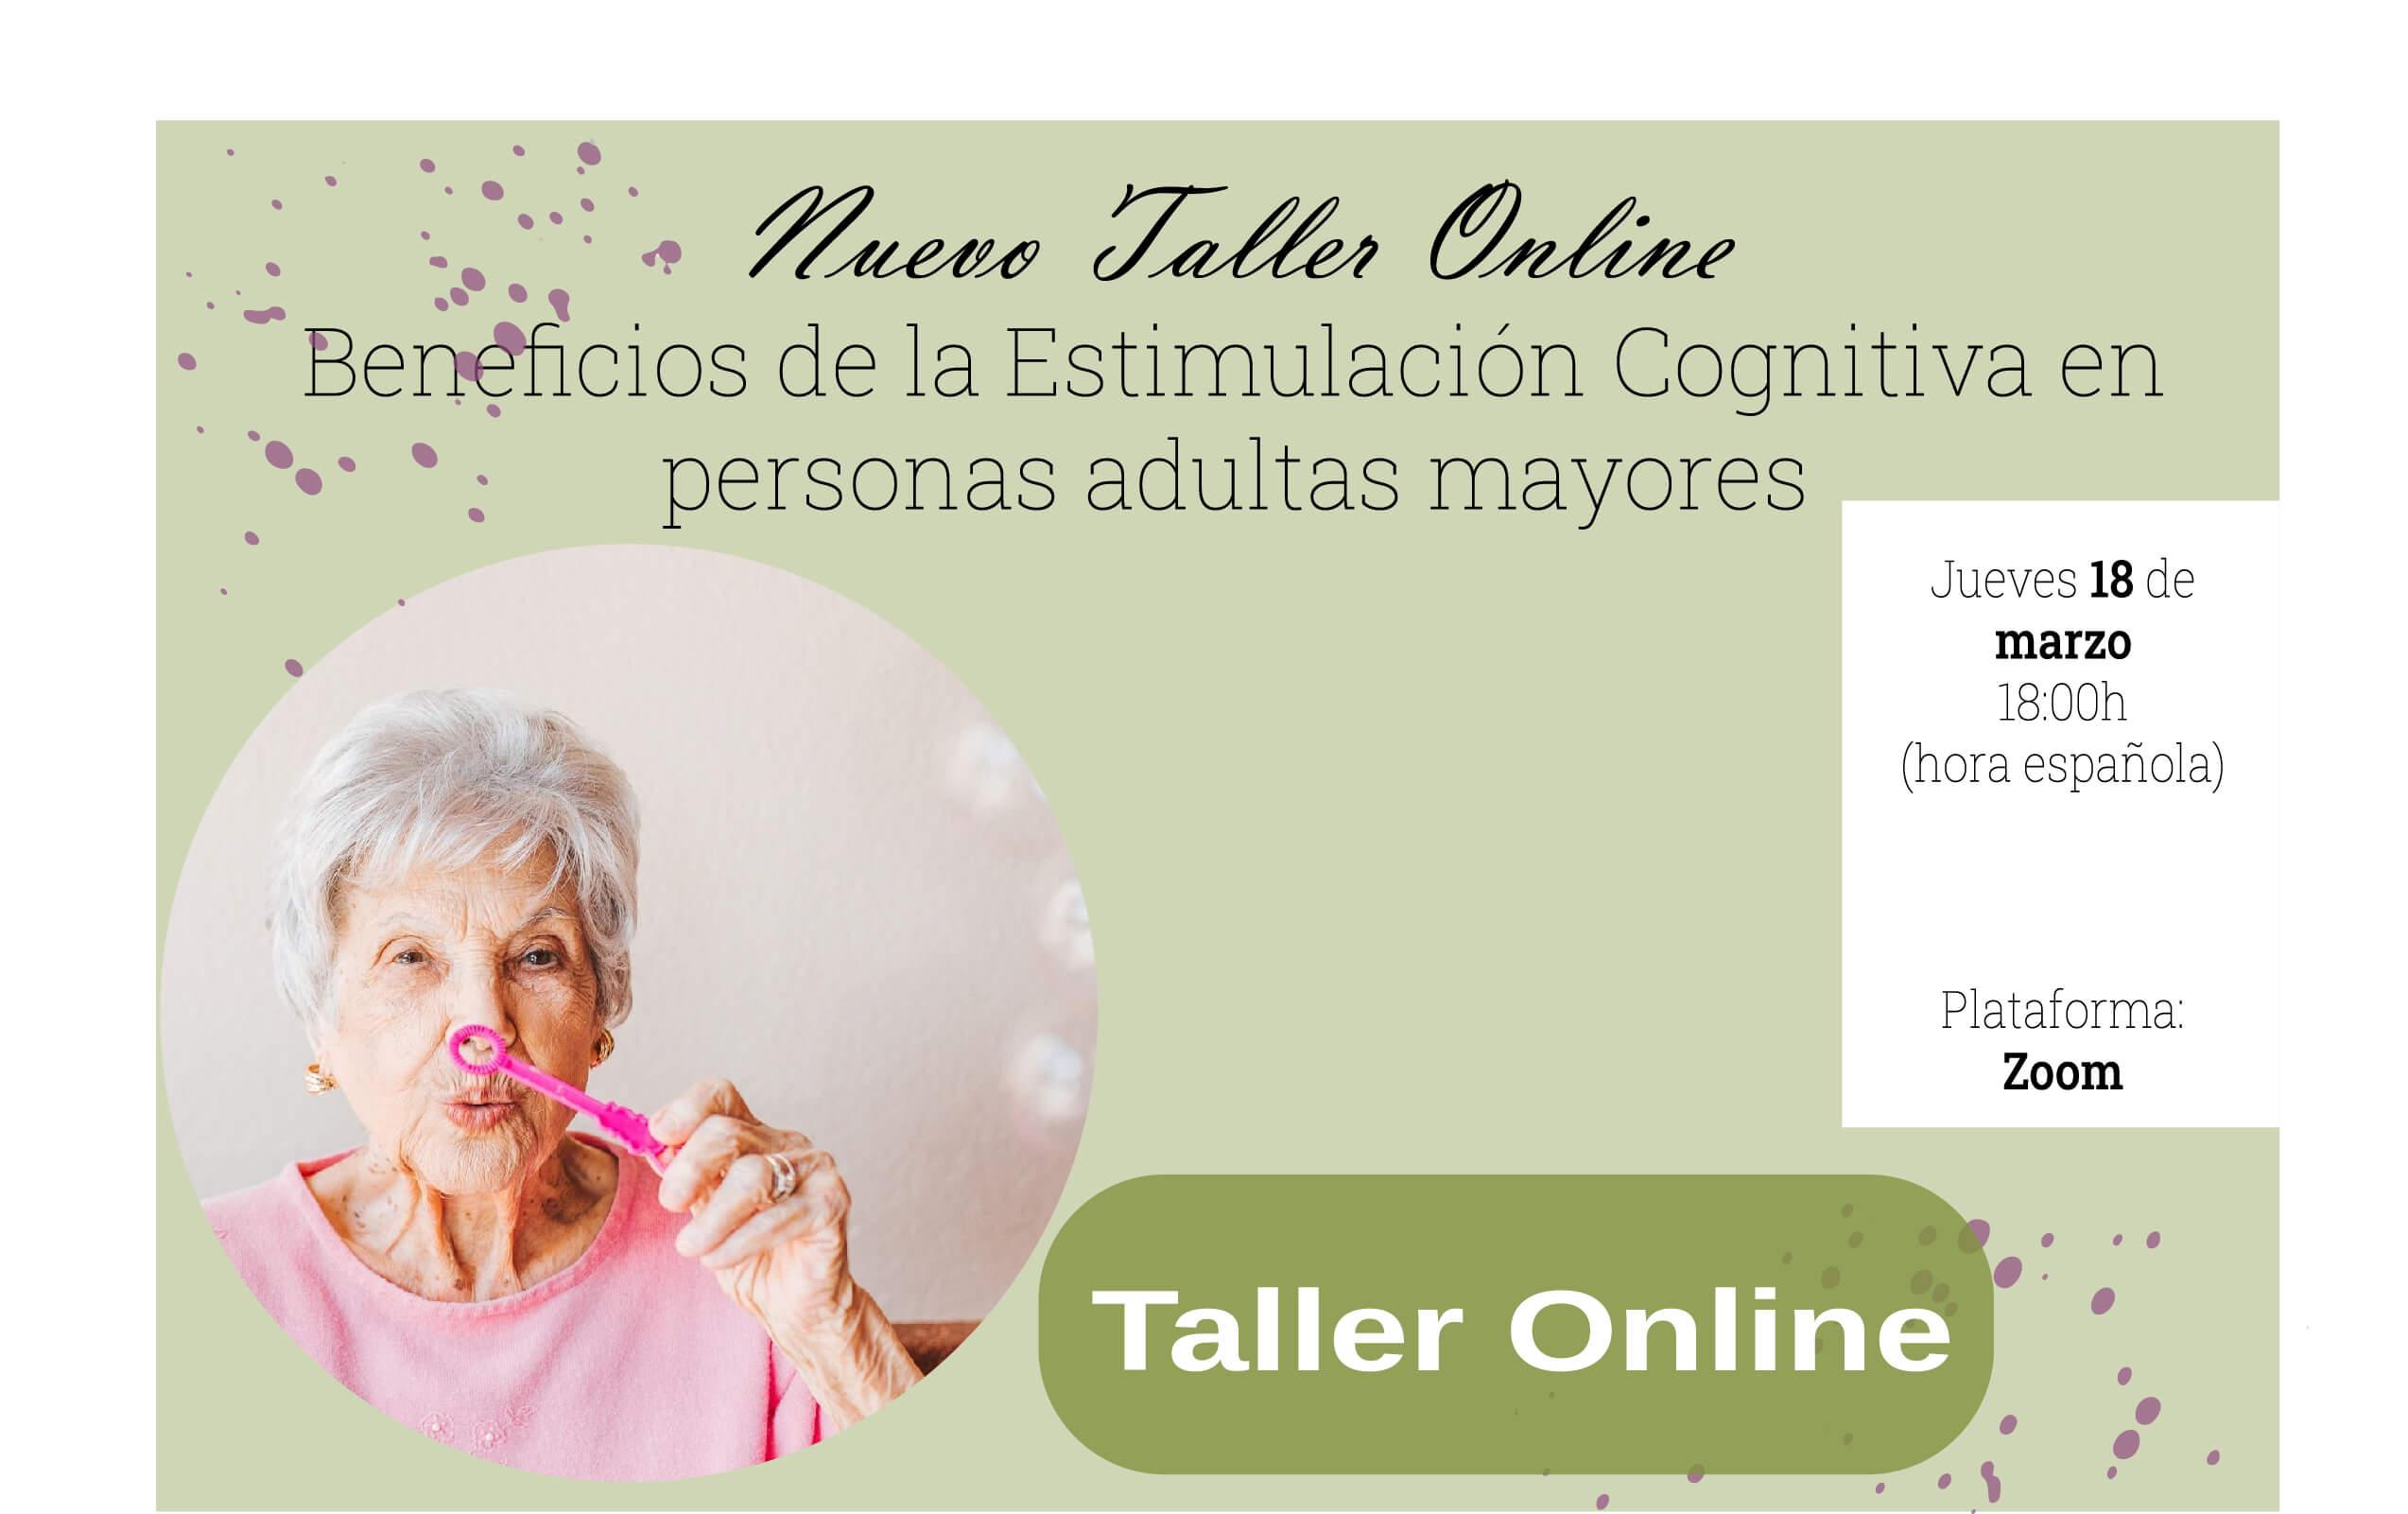 Taller online beneficios de la estimulacion cognitiva